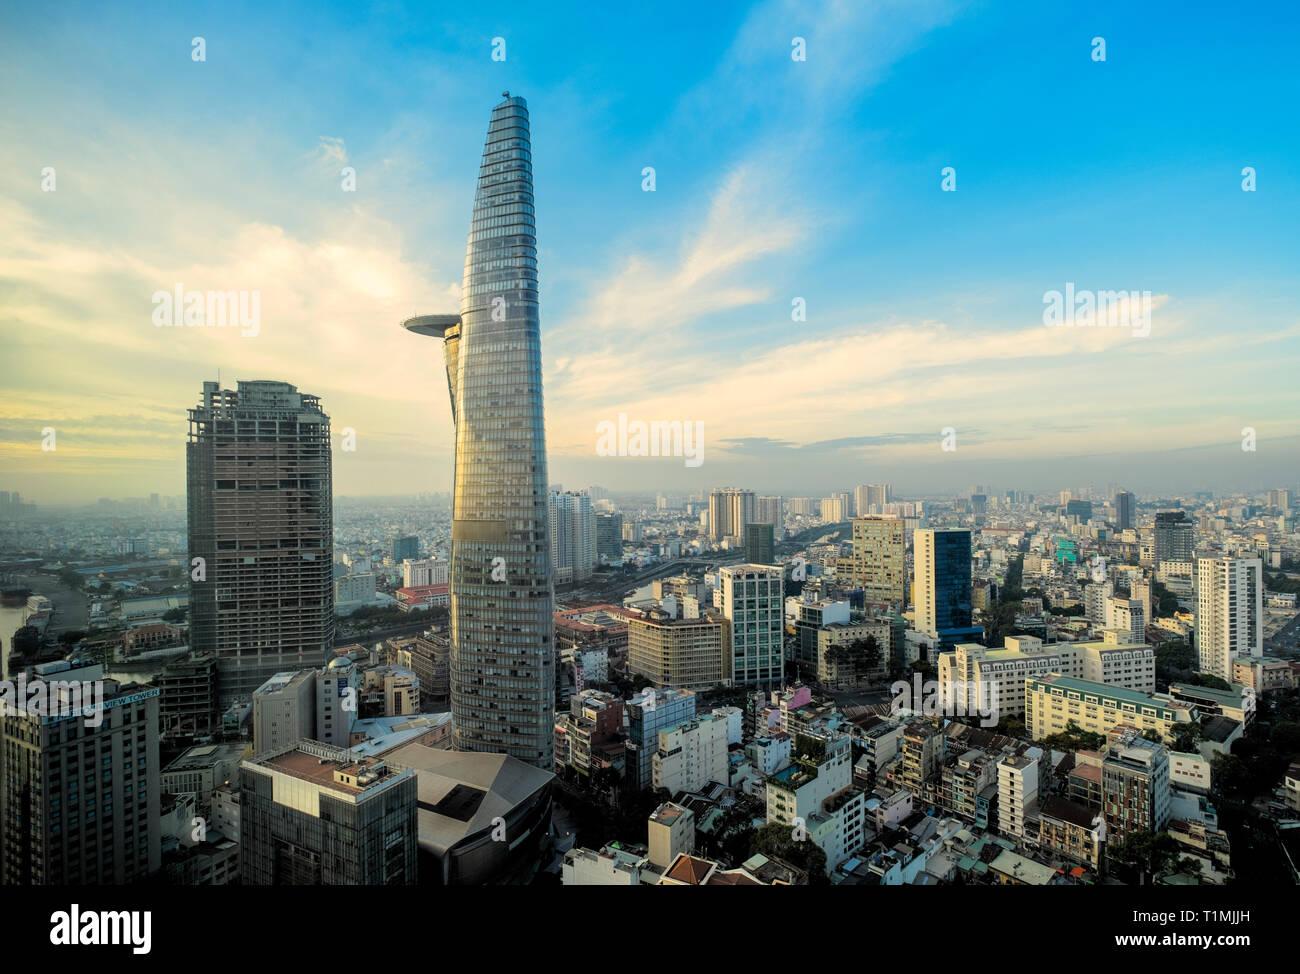 La torre Bitexco y del centro de la ciudad y un barrio de la ciudad de Ho Chi Minh, Vietnam Foto de stock